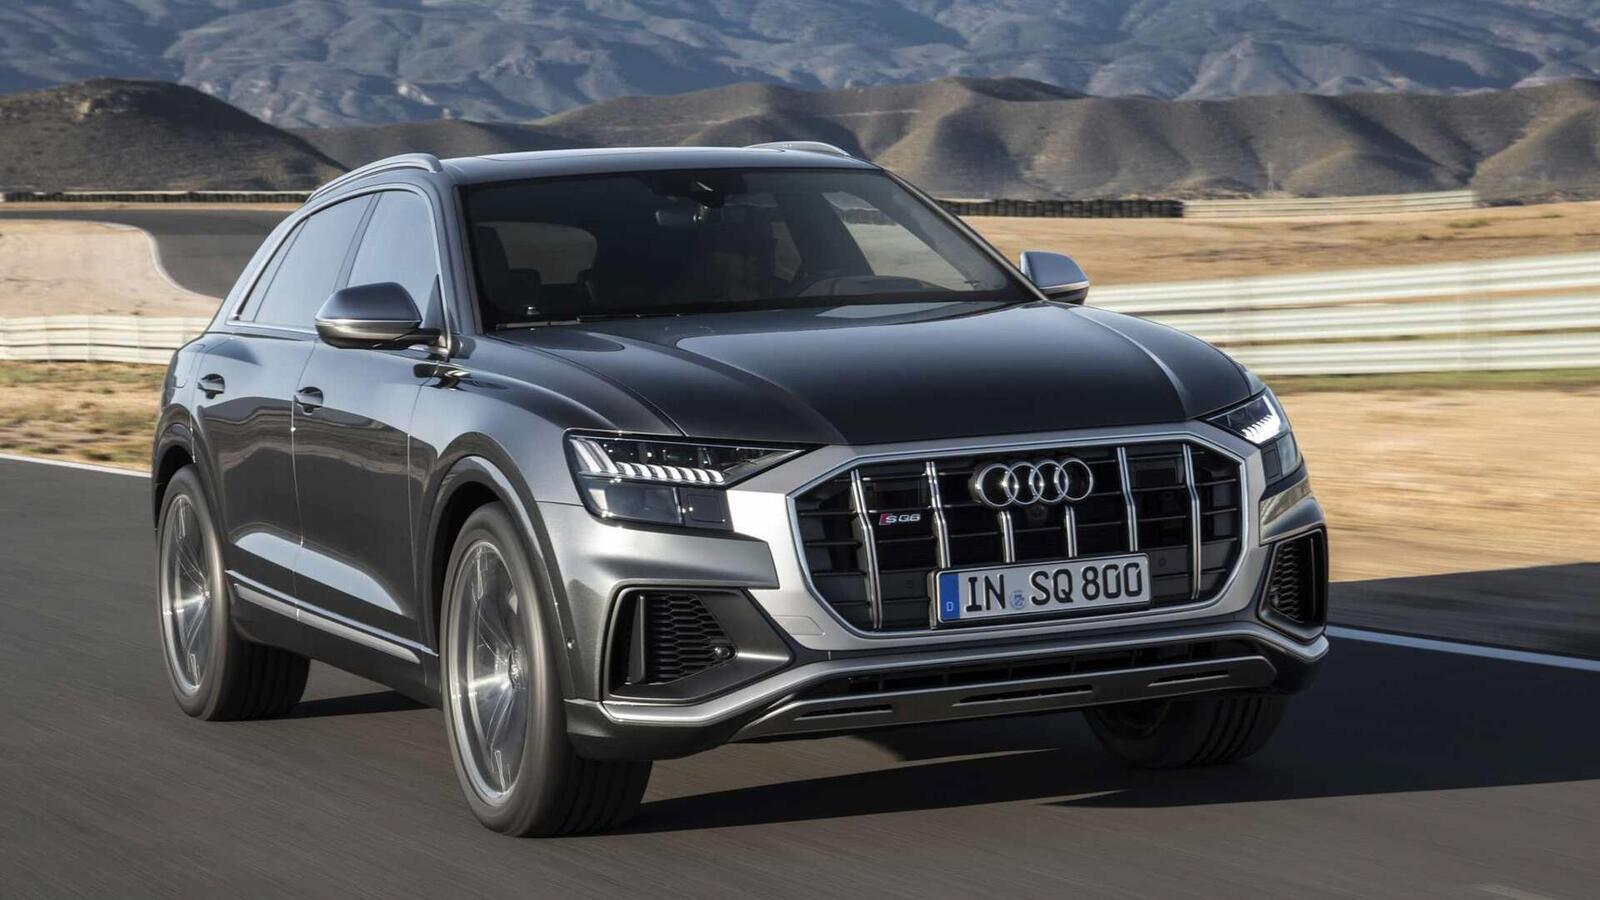 Audi SQ8 ra mắt lắp máy dầu V8 4.0L mild hybrid mạnh 429 mã lực - Hình 18